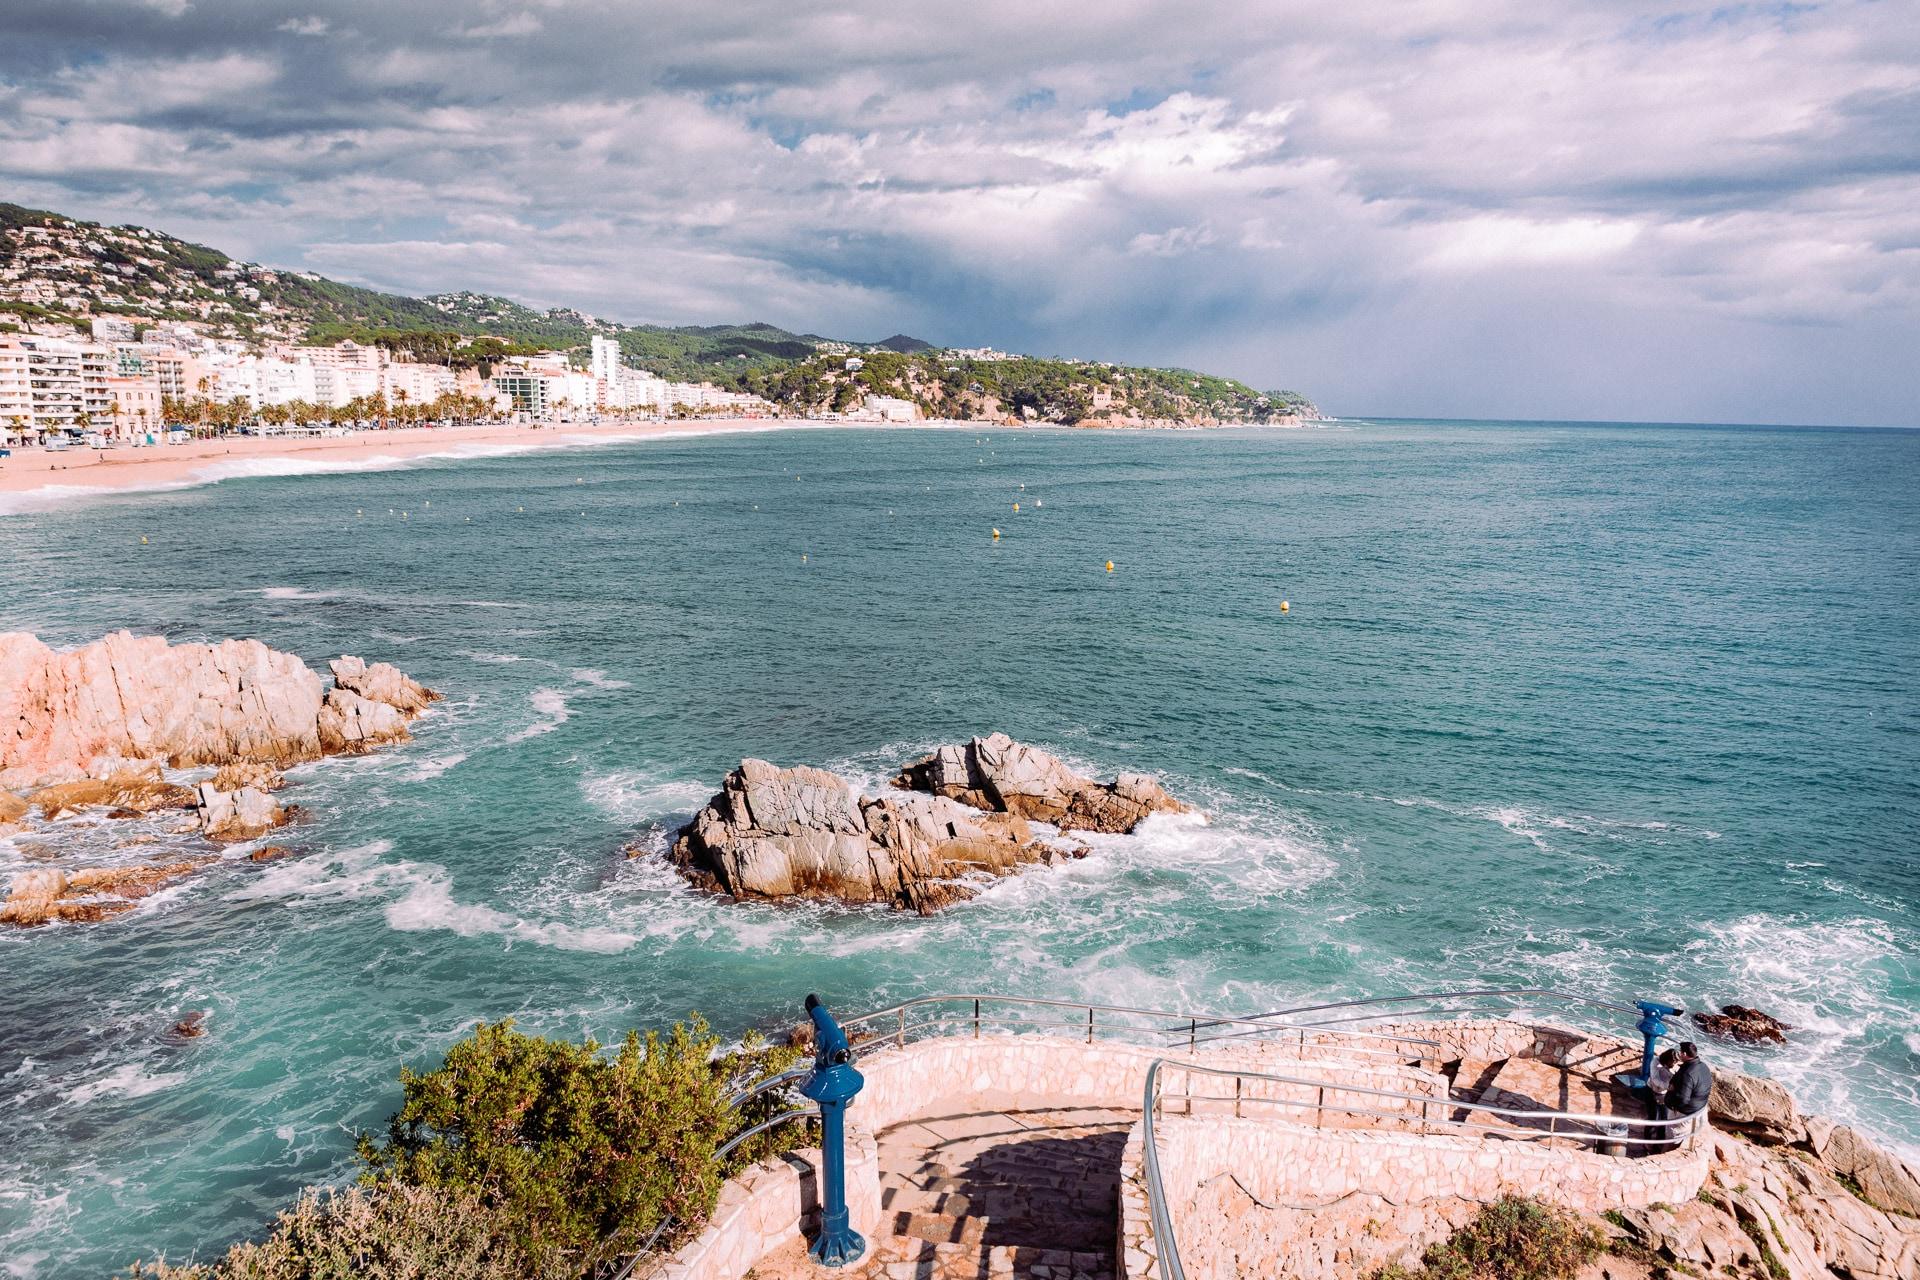 Vue de Lloret de Mar depuis la cala Banys